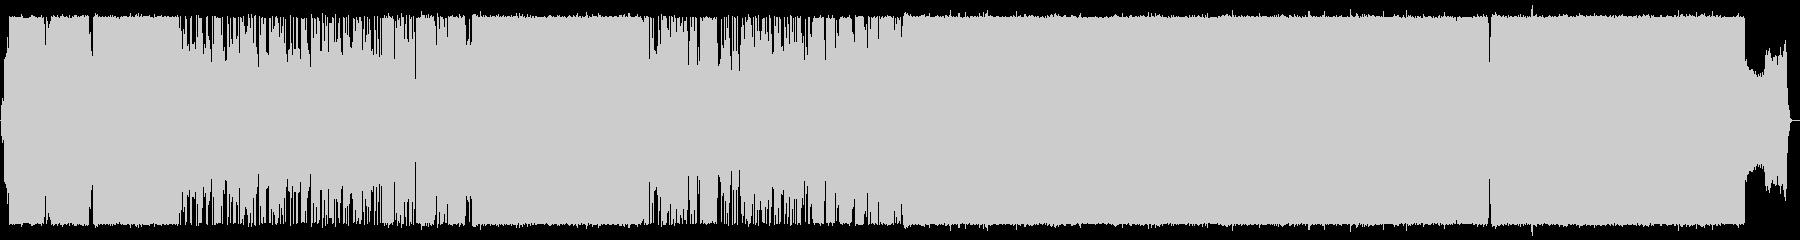 絶望的な状況を打破するガールズロックの未再生の波形